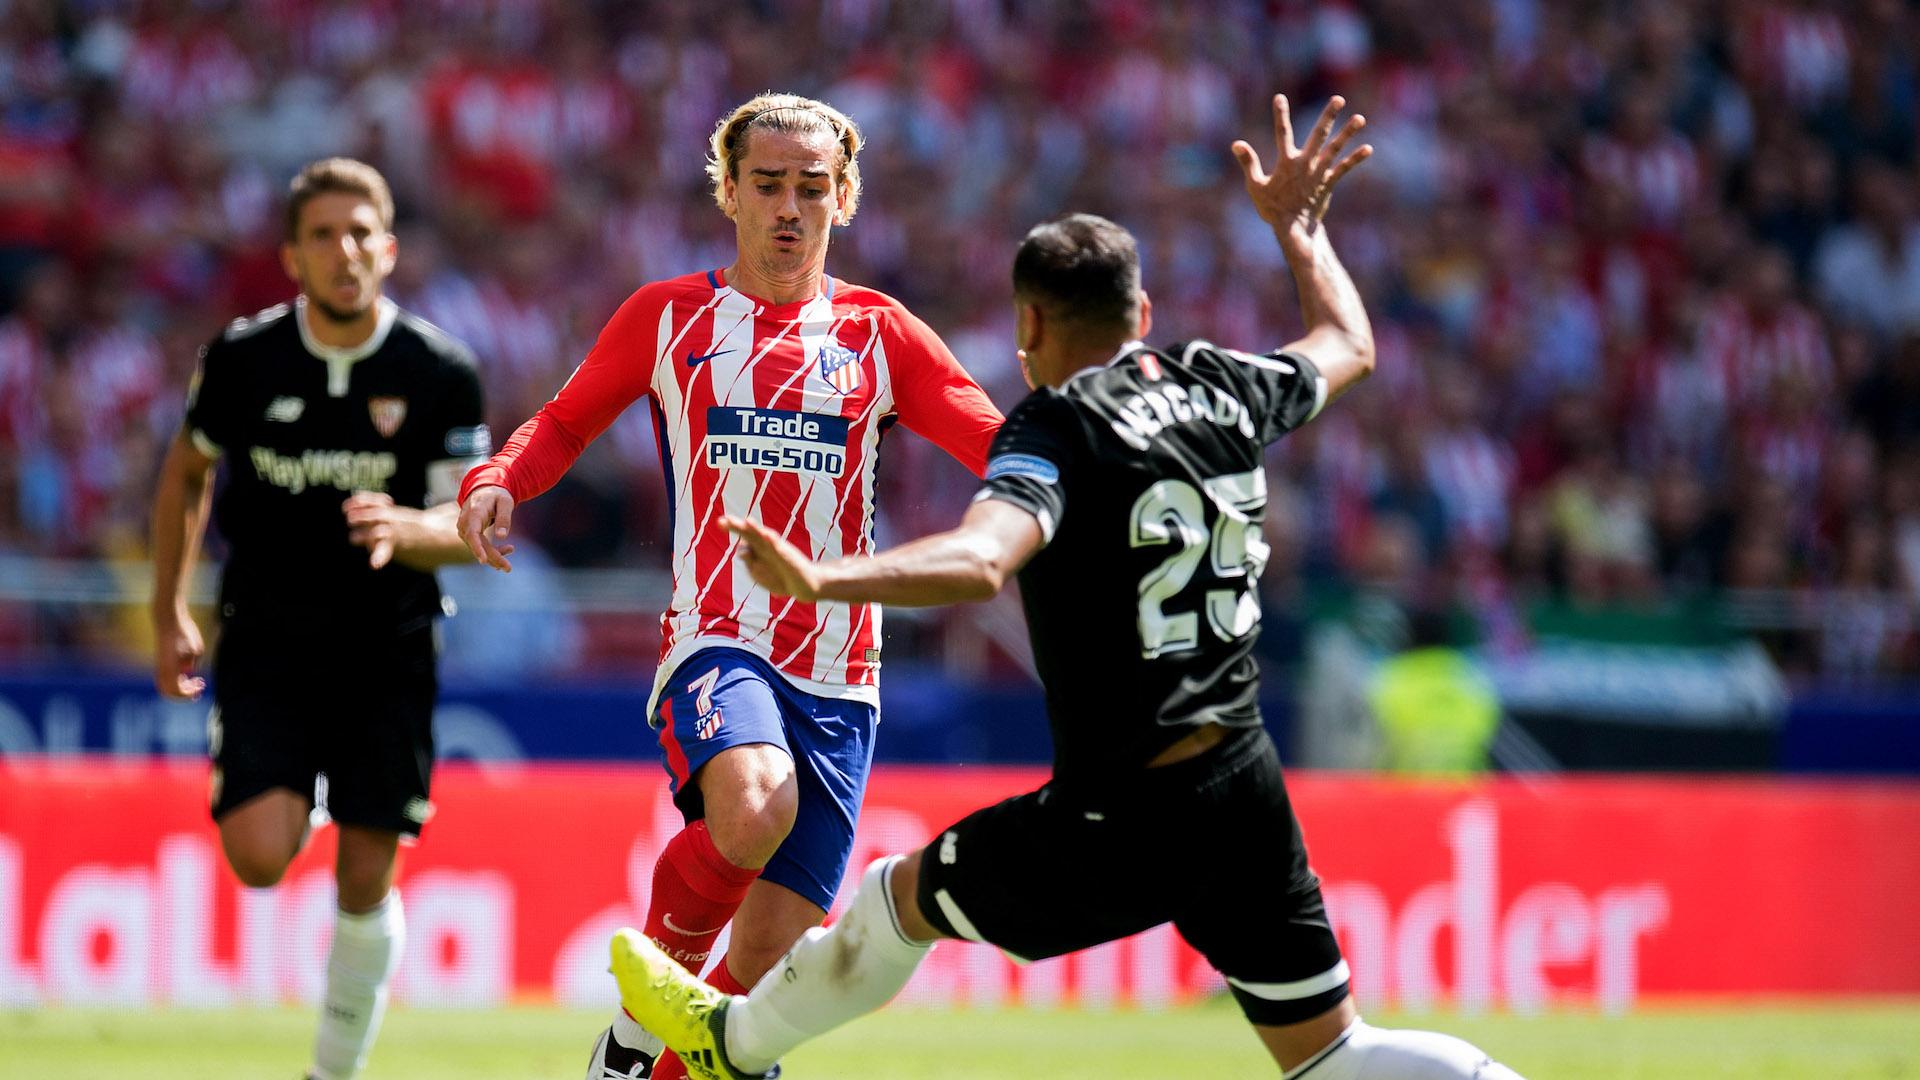 Griezmann Mercado Atletico Madrid Sevilla LaLiga